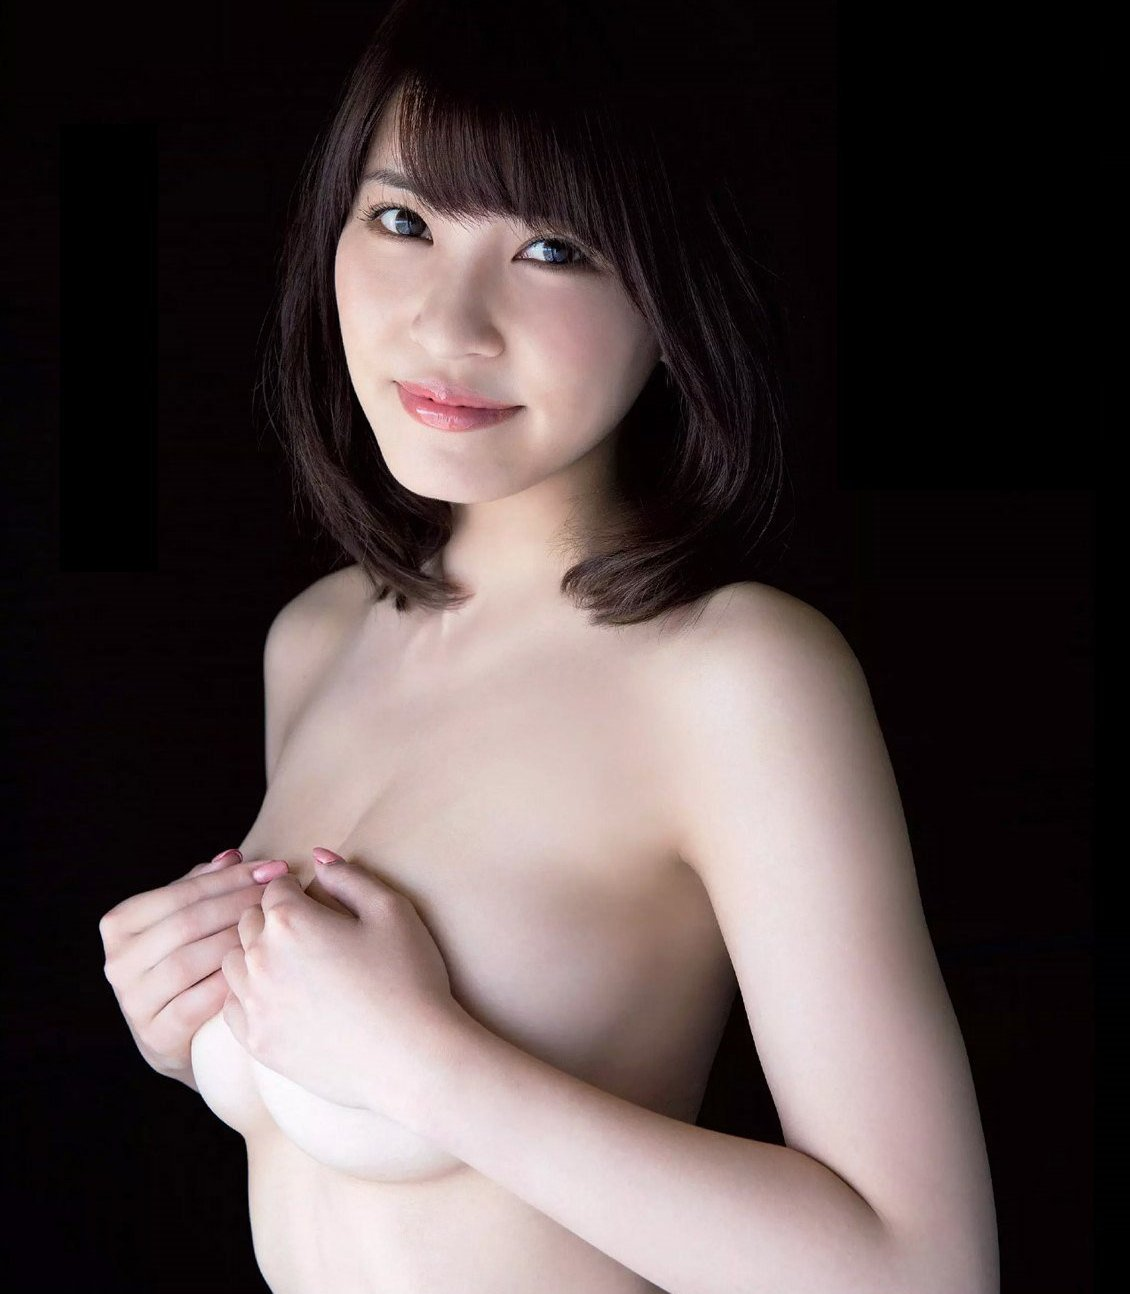 グラビアアイドルの綺麗で大きな乳房 (1)